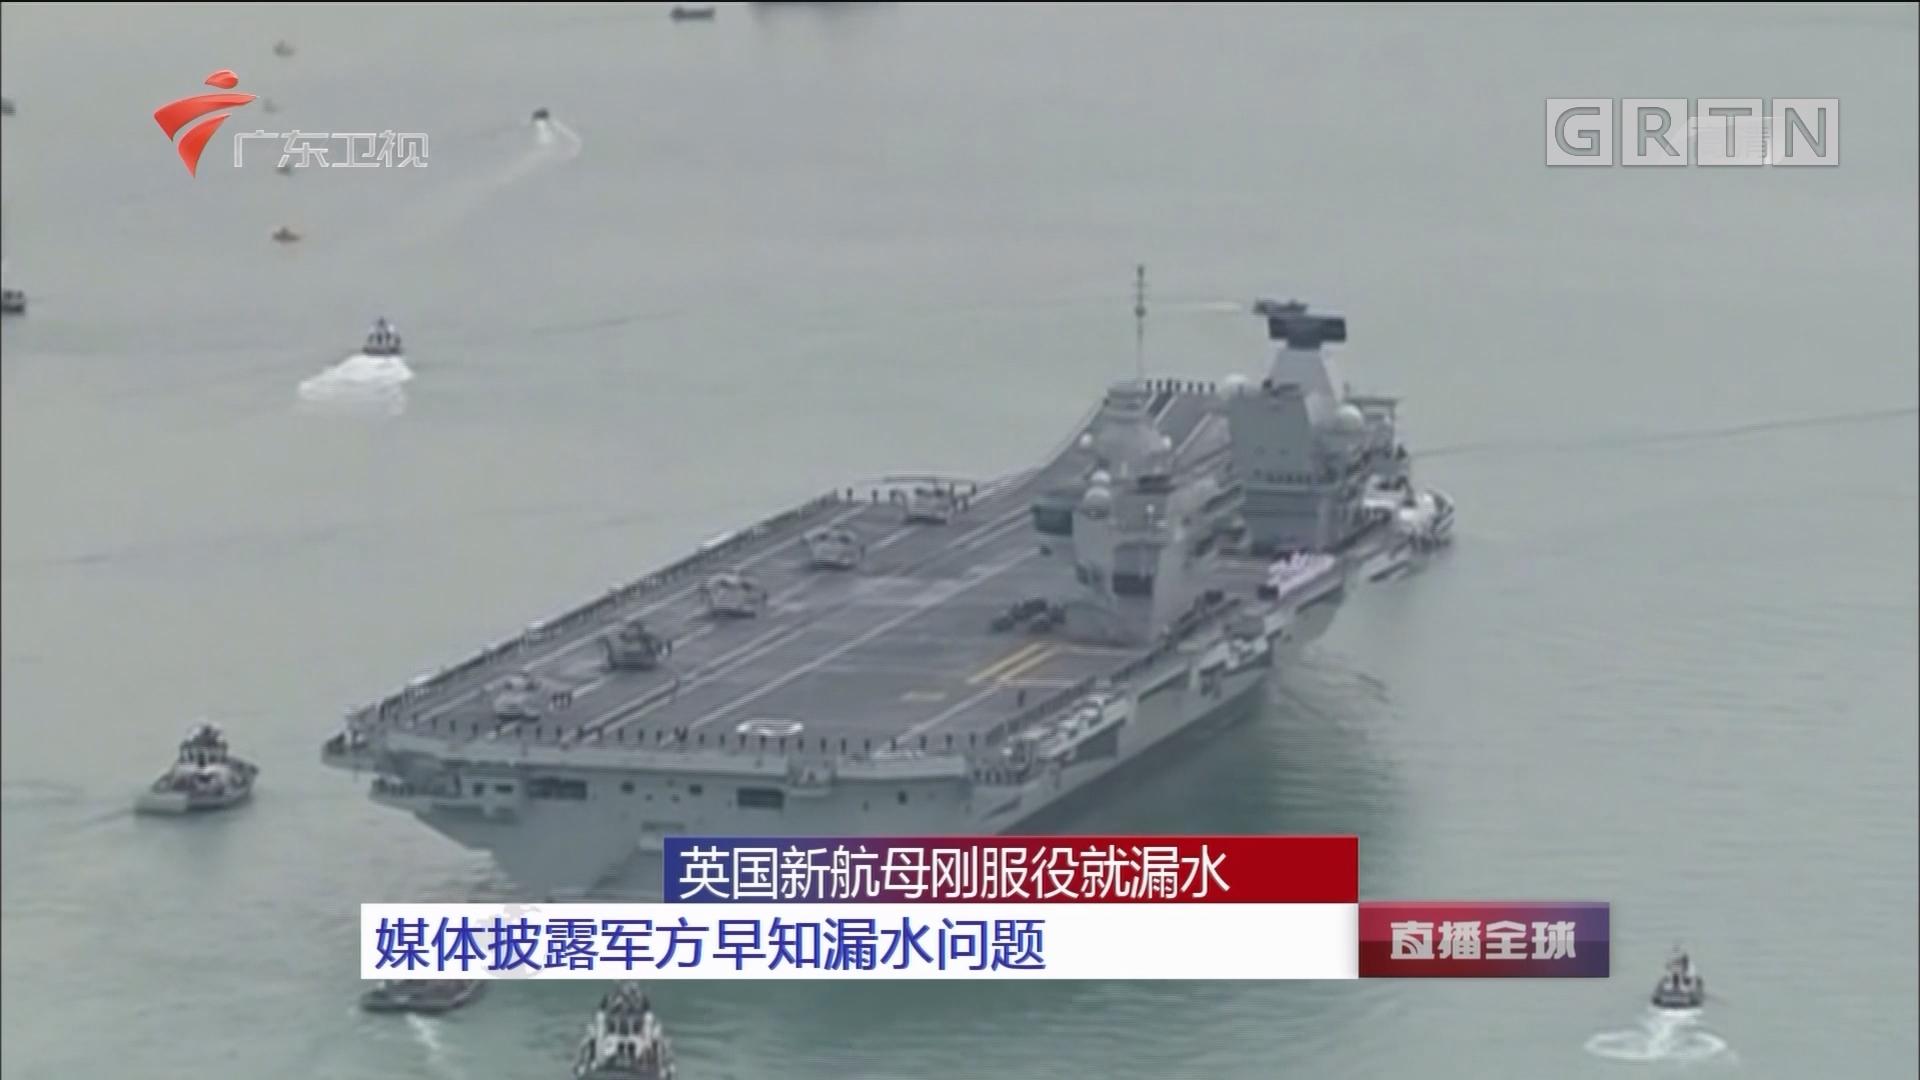 英国新航母刚服役就漏水:媒体披露军方早知漏水问题